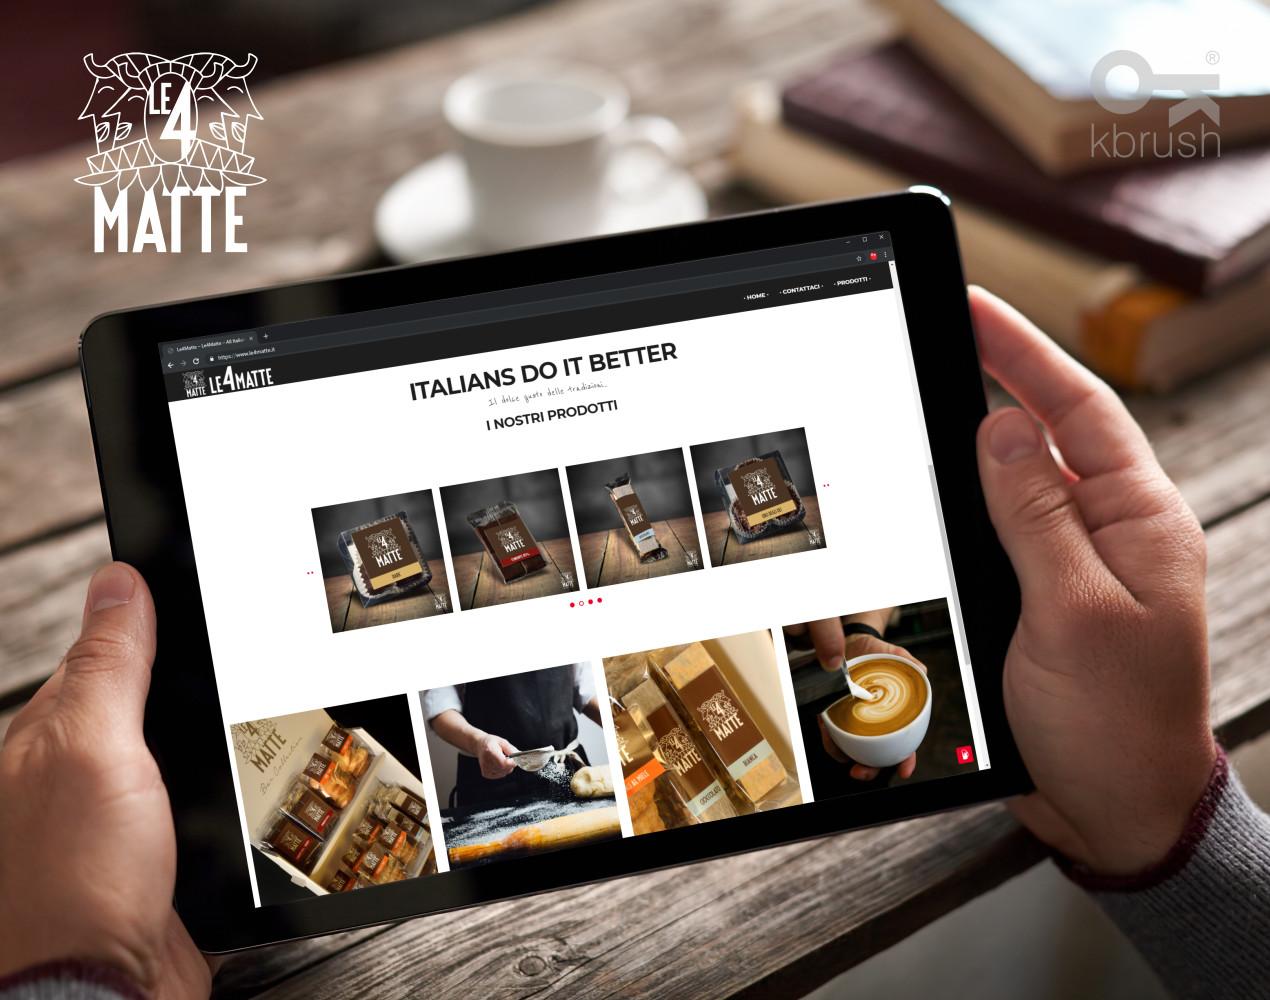 sito web Le4Matte 2 – Kbrush Studio grafico